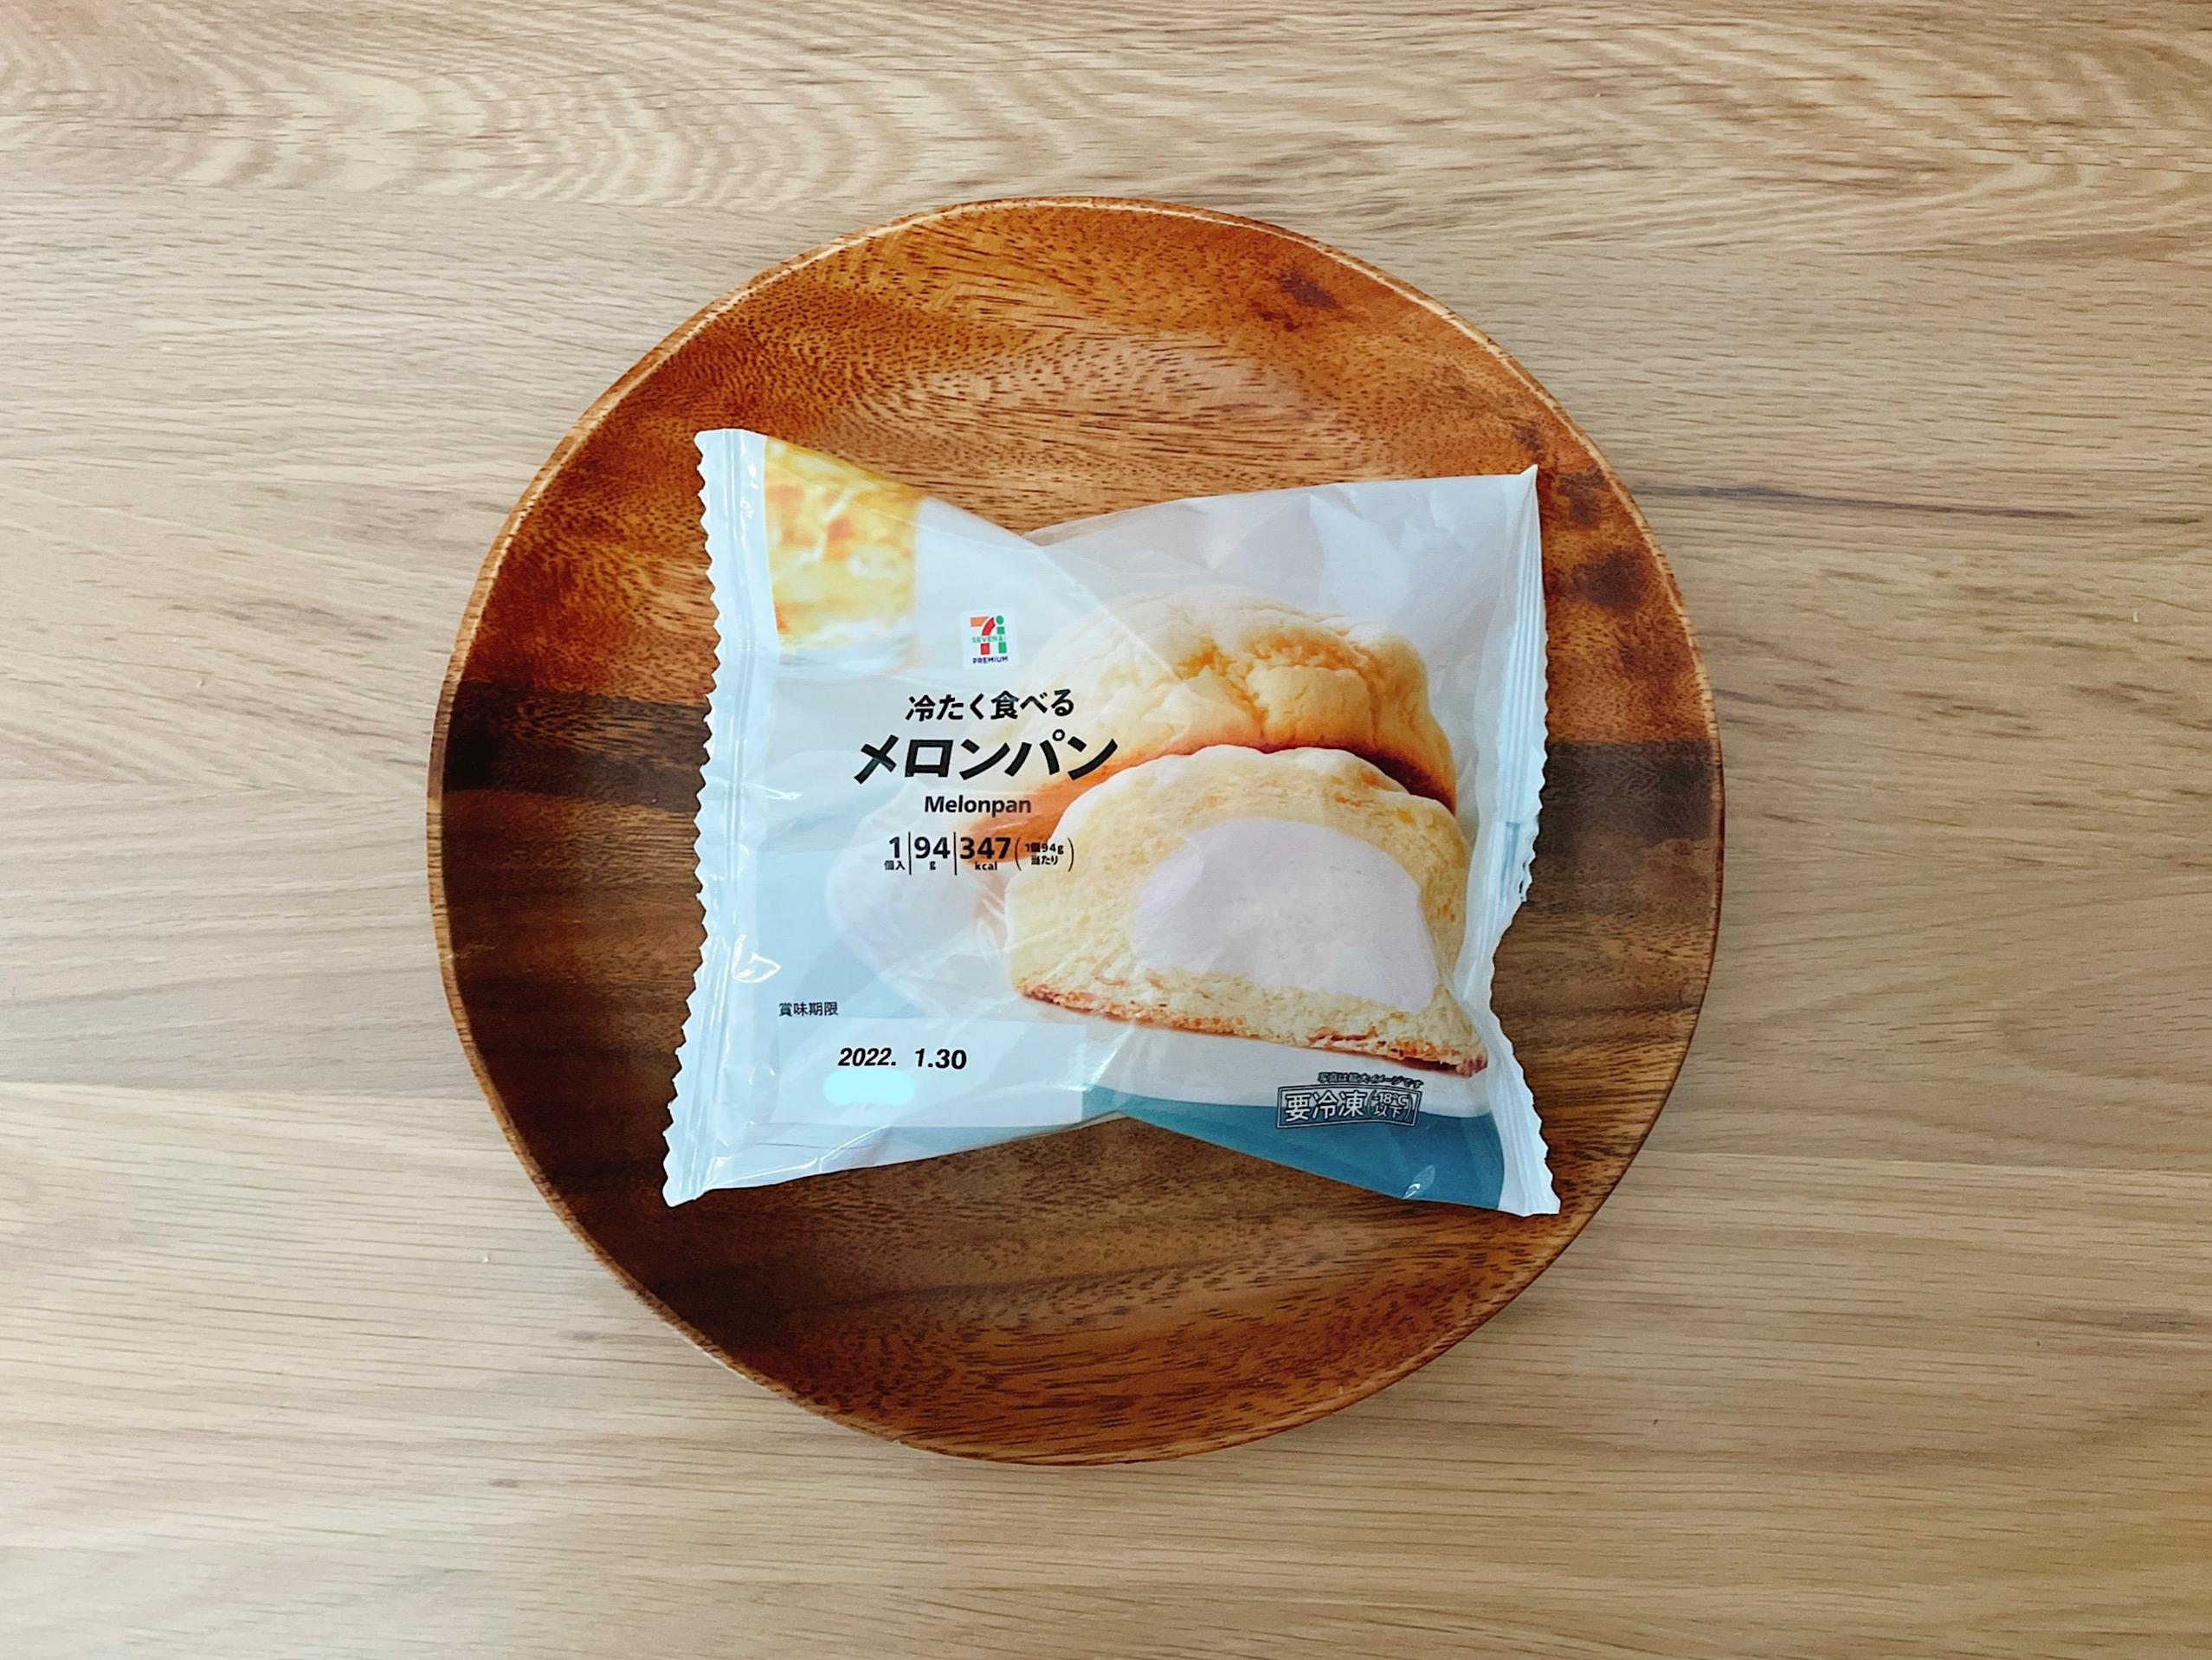 【SNSでも話題!】《冷たいまま食べるメロンパン!?》が美味しすぎた♡_1